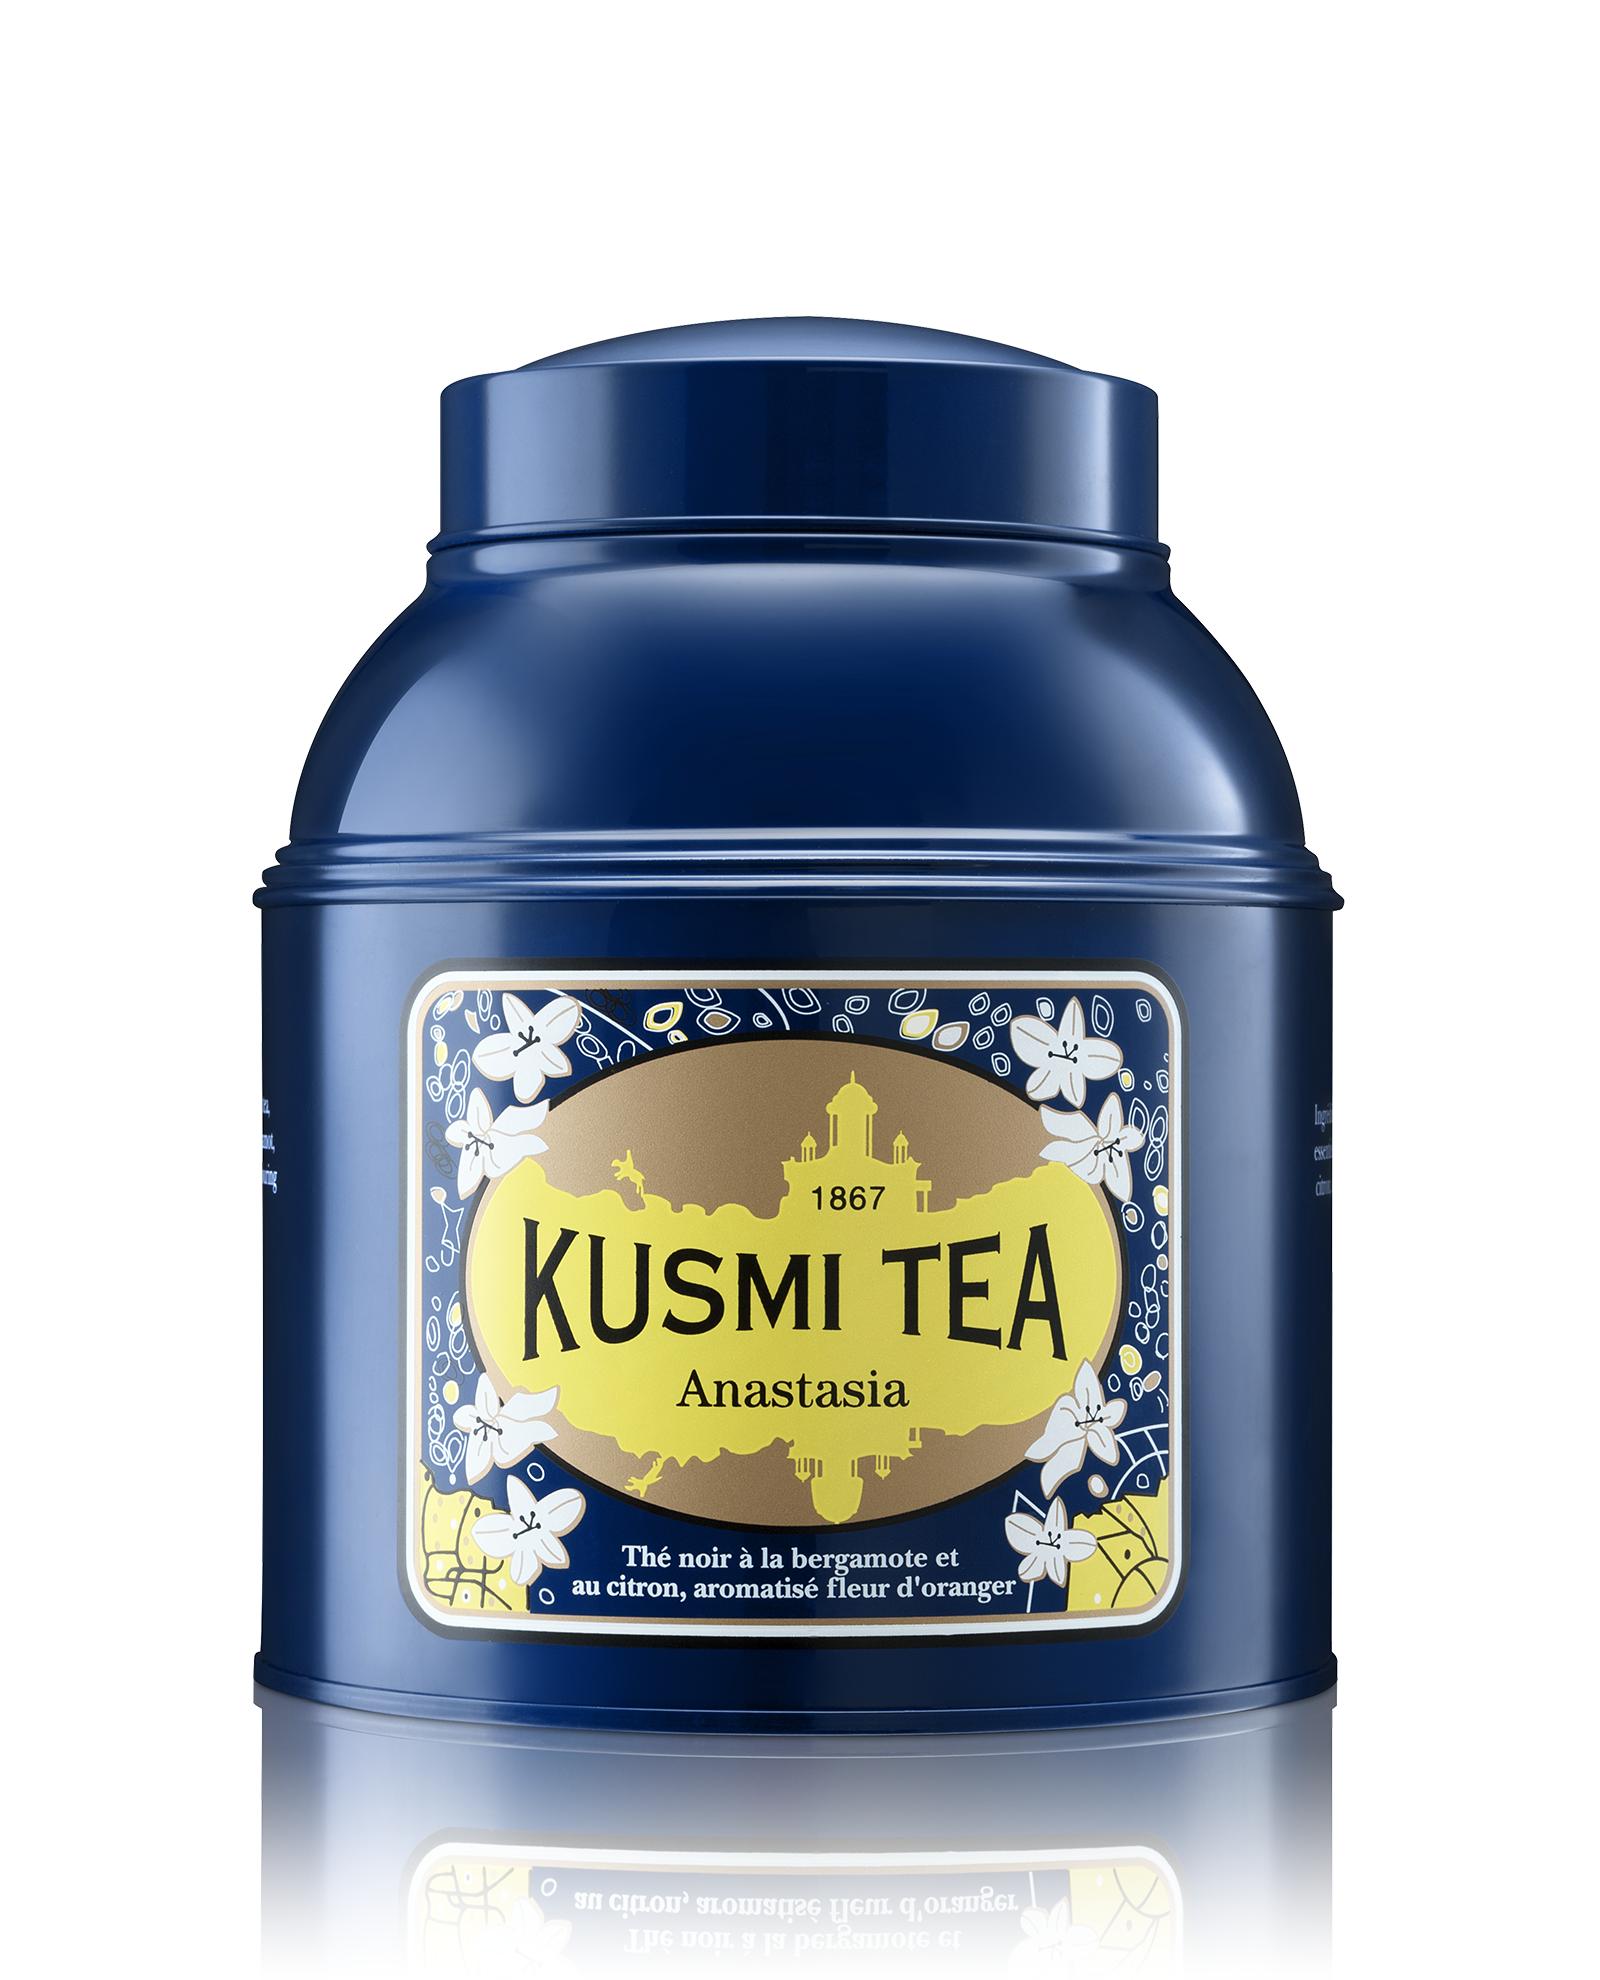 KUSMI TEA Anastasia  Thé noir  Kusmi Tea